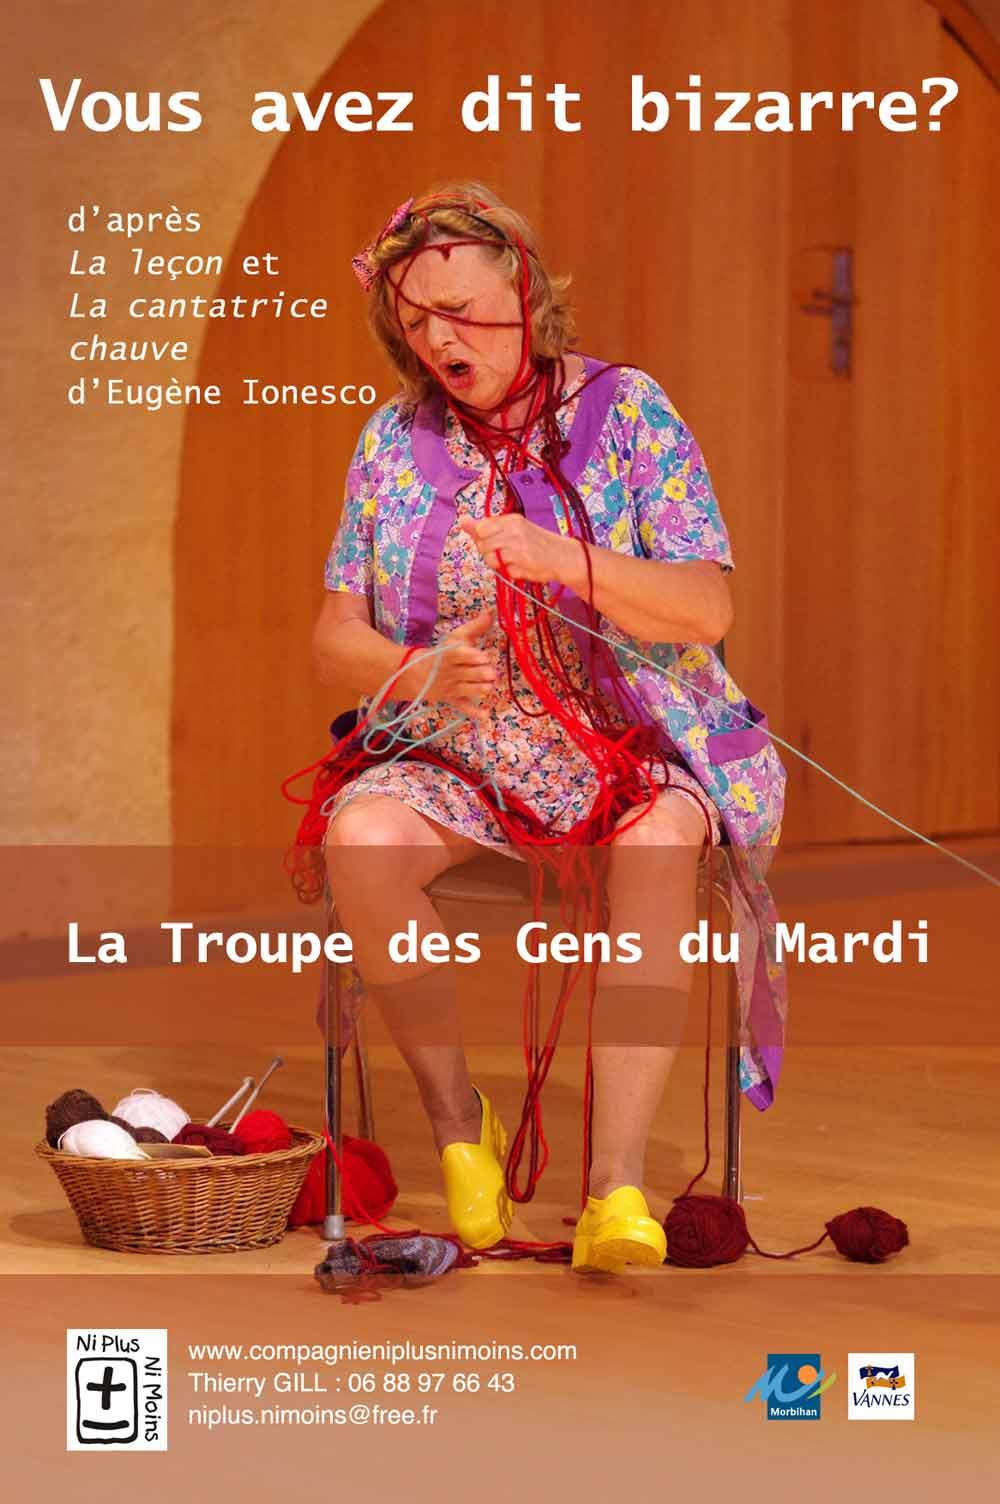 Vous avez dit bizarre, pièce de théâtre de la Compagnie Ni Plus Ni Moins, ateliers théâtre pour tous (petits, enfants, ados, adultes) à Vannes dans le Morbihan